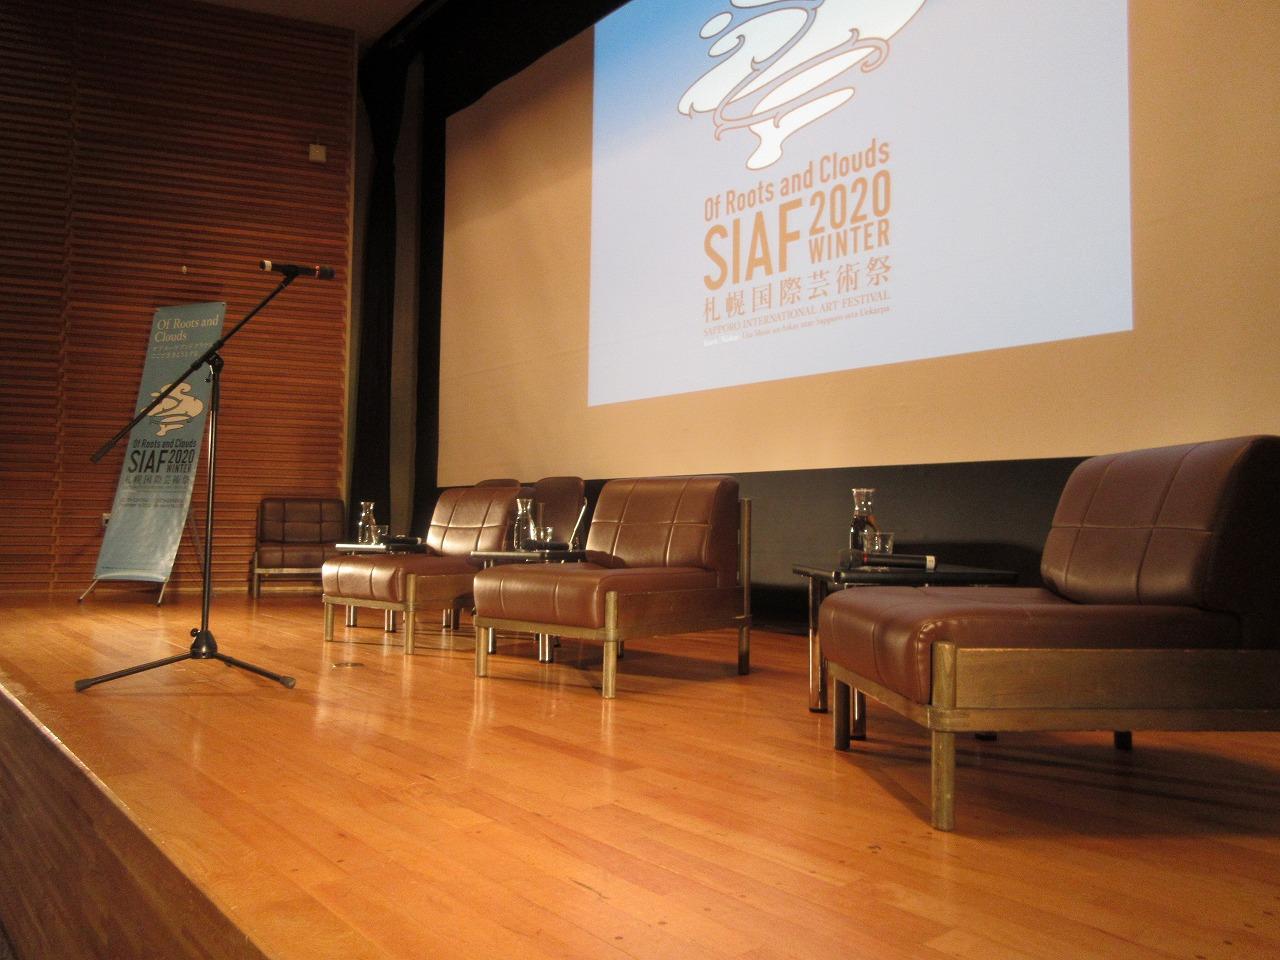 札幌国際芸術祭 2020 開催概要記者発表(第2回)